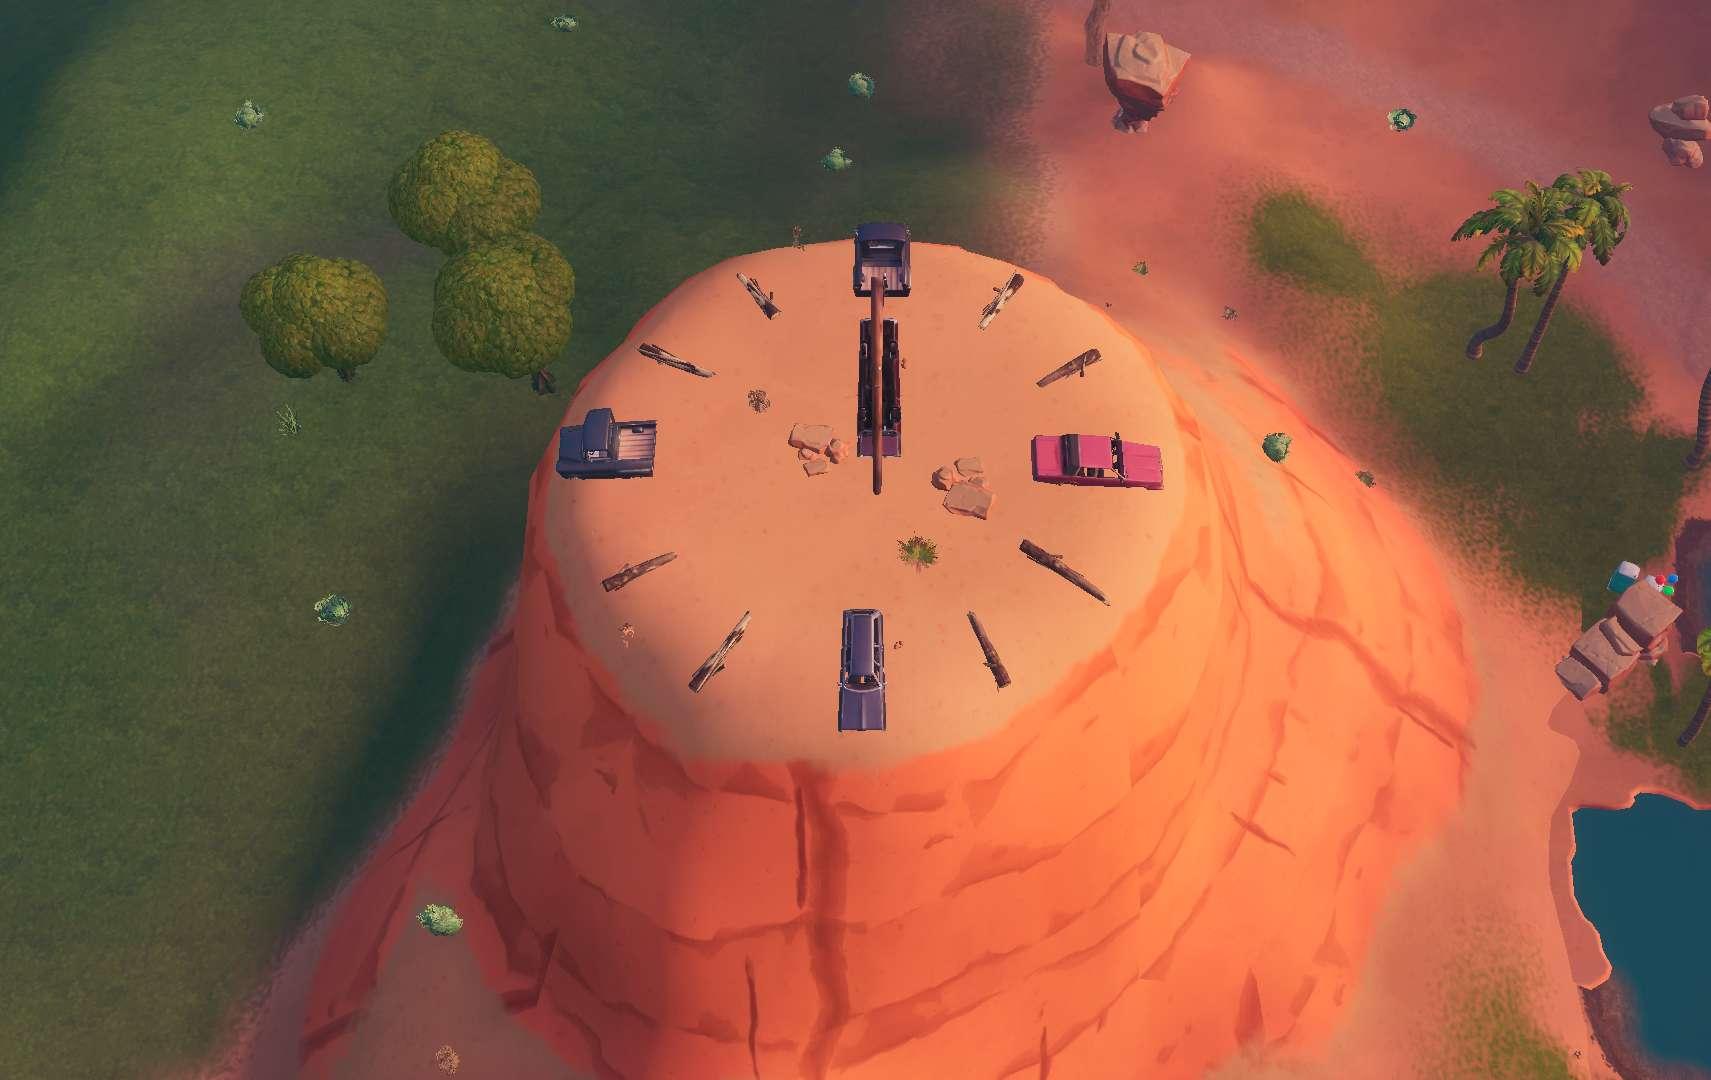 フォートナイト: 複数の時計を訪れる(シーズン9・ウィーク8) | げぇむ ...